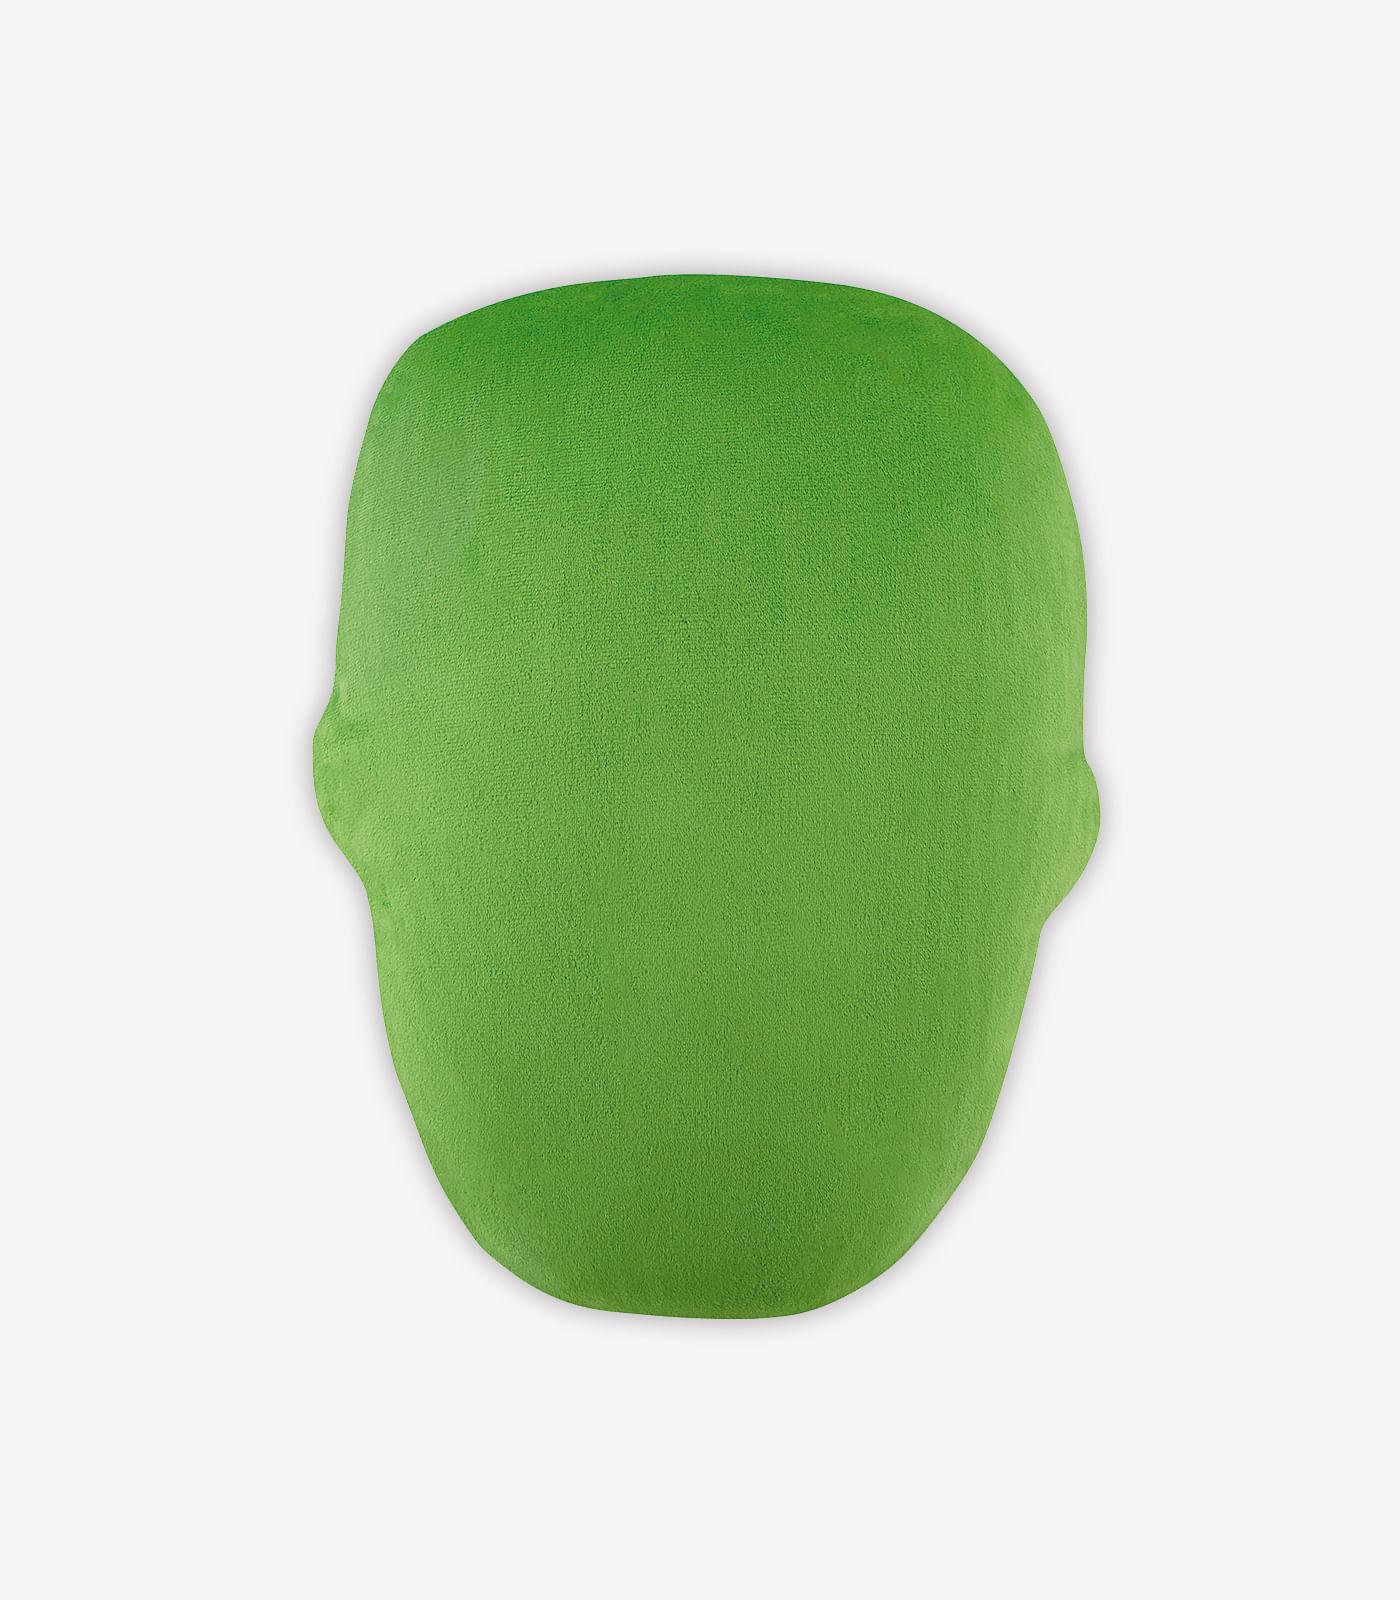 Almofada-Infantil-Avengers-Hulk-Lepper-Verde